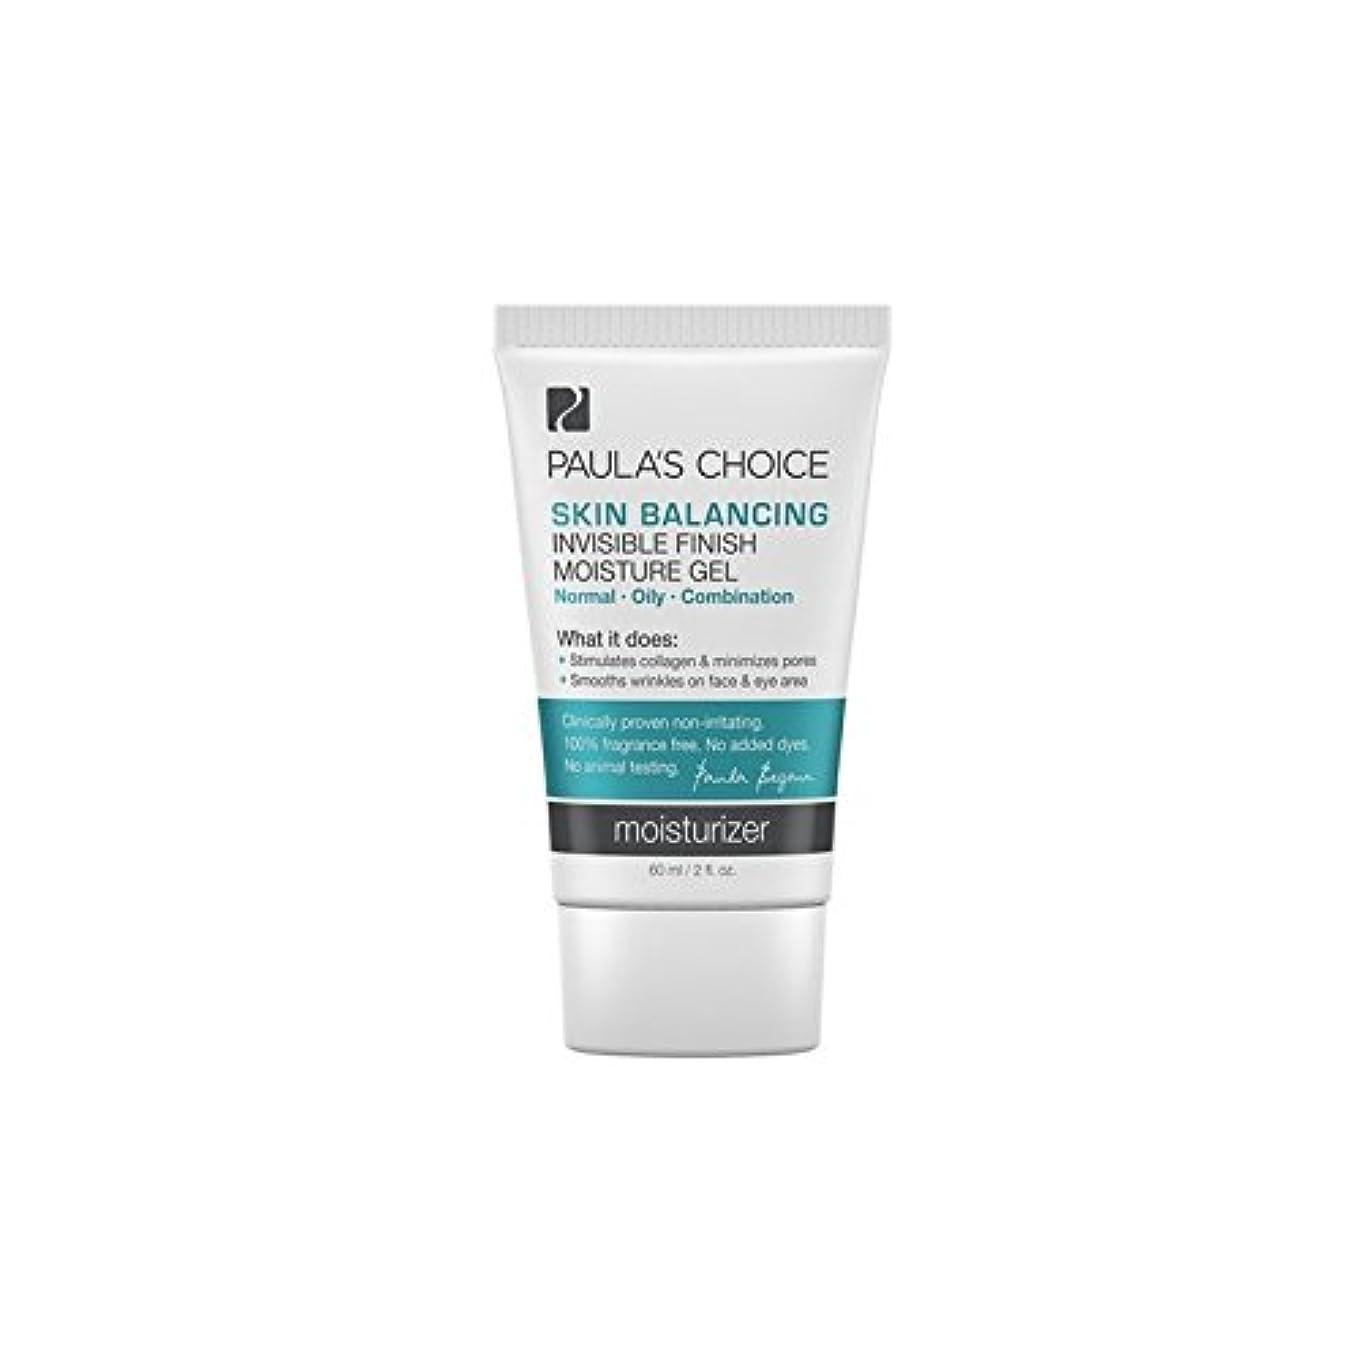 中性付録足首Paula's Choice Skin Balancing Invisible Finish Moisture Gel (60ml) (Pack of 6) - ポーラチョイスの肌のバランス目に見えない仕上がり水分ゲル(...